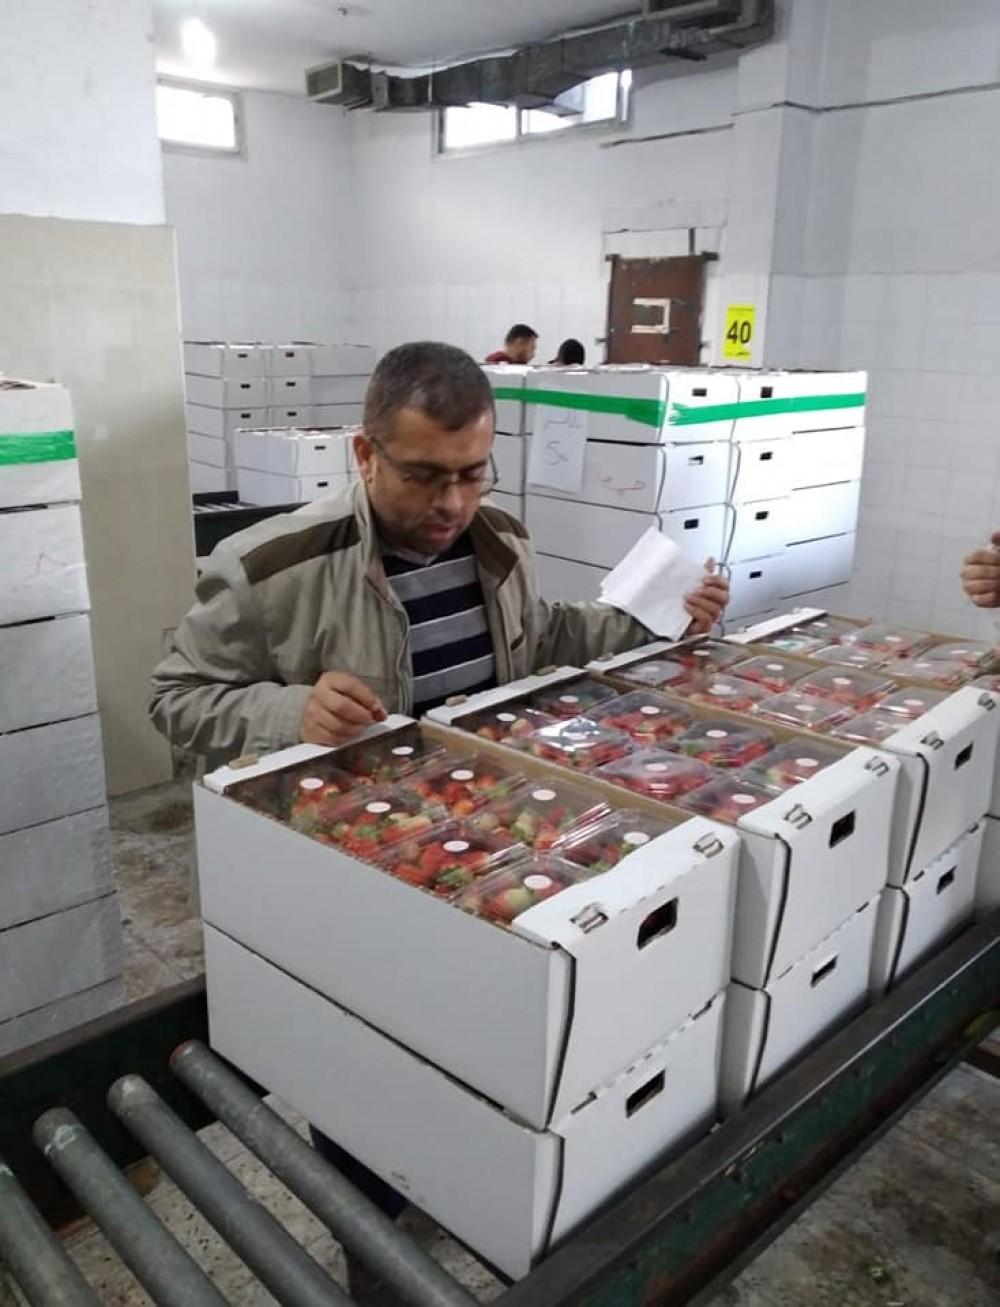 وزارة الزراعة تفحص 65 طناً من الفراولة قبل تسويقه للضفة الغربية